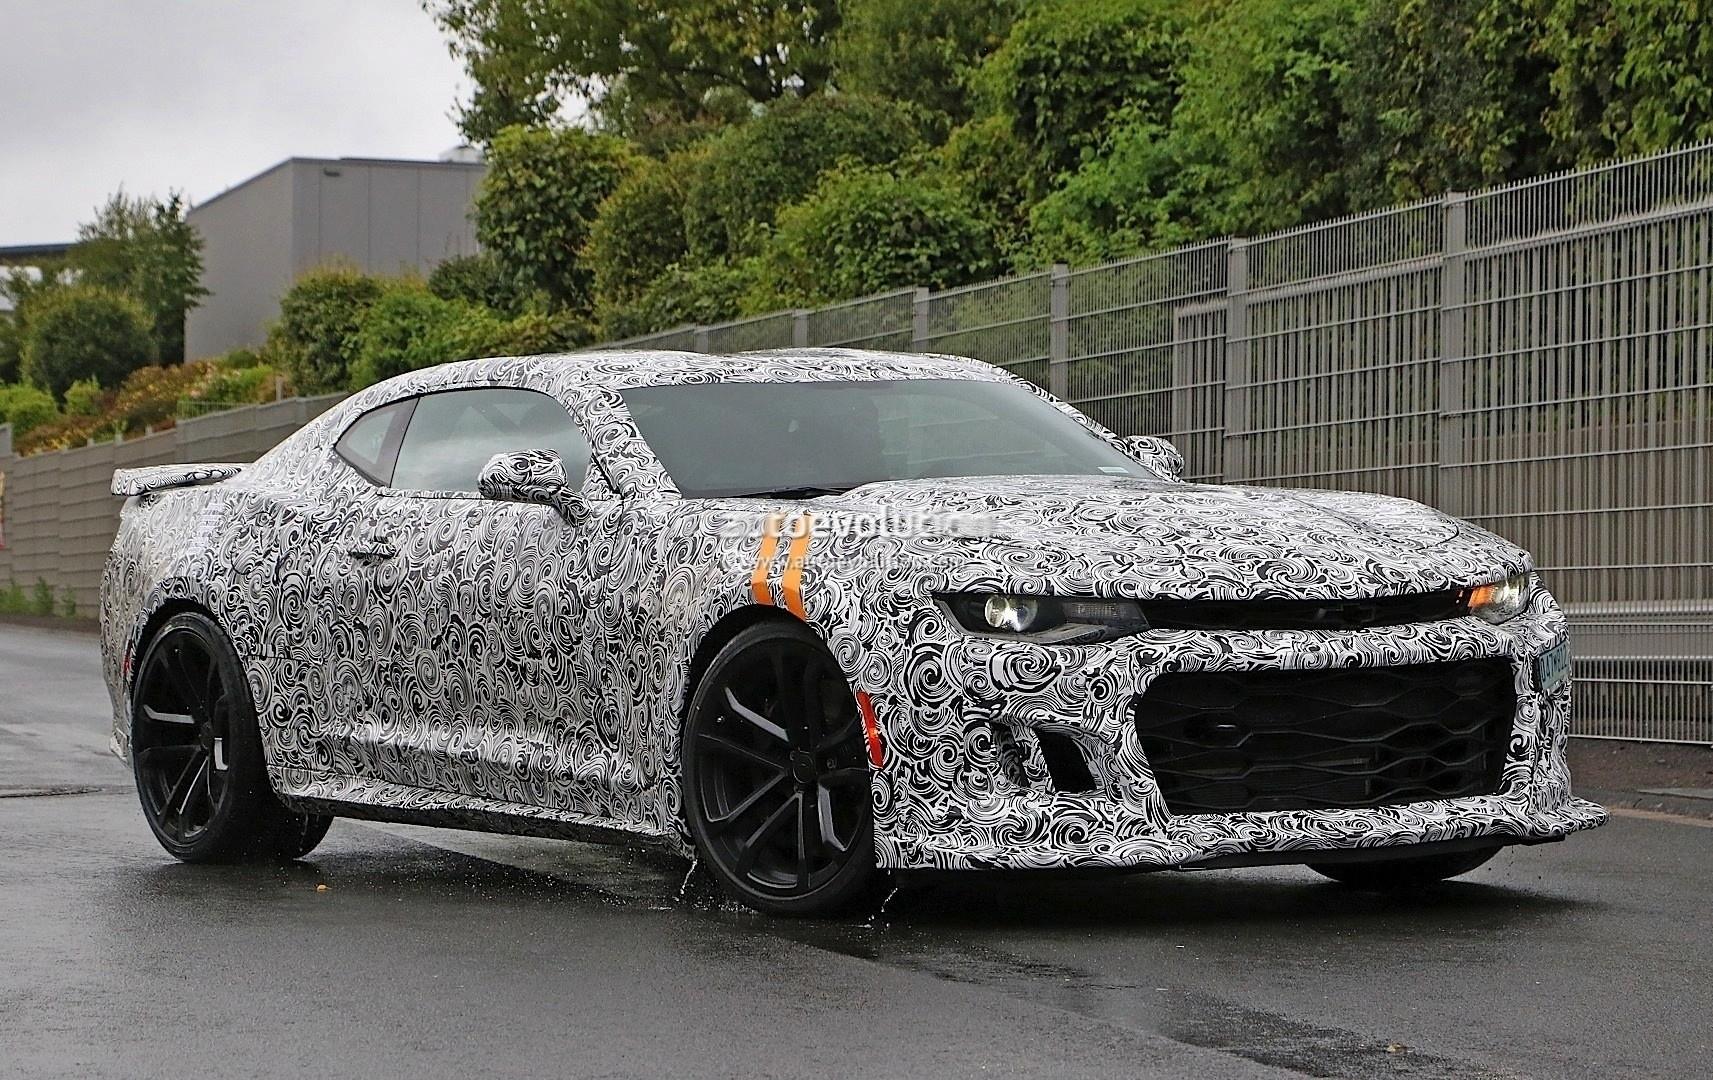 2017 Chevrolet Camaro Zl1 Spied Expect An 11s Quarter